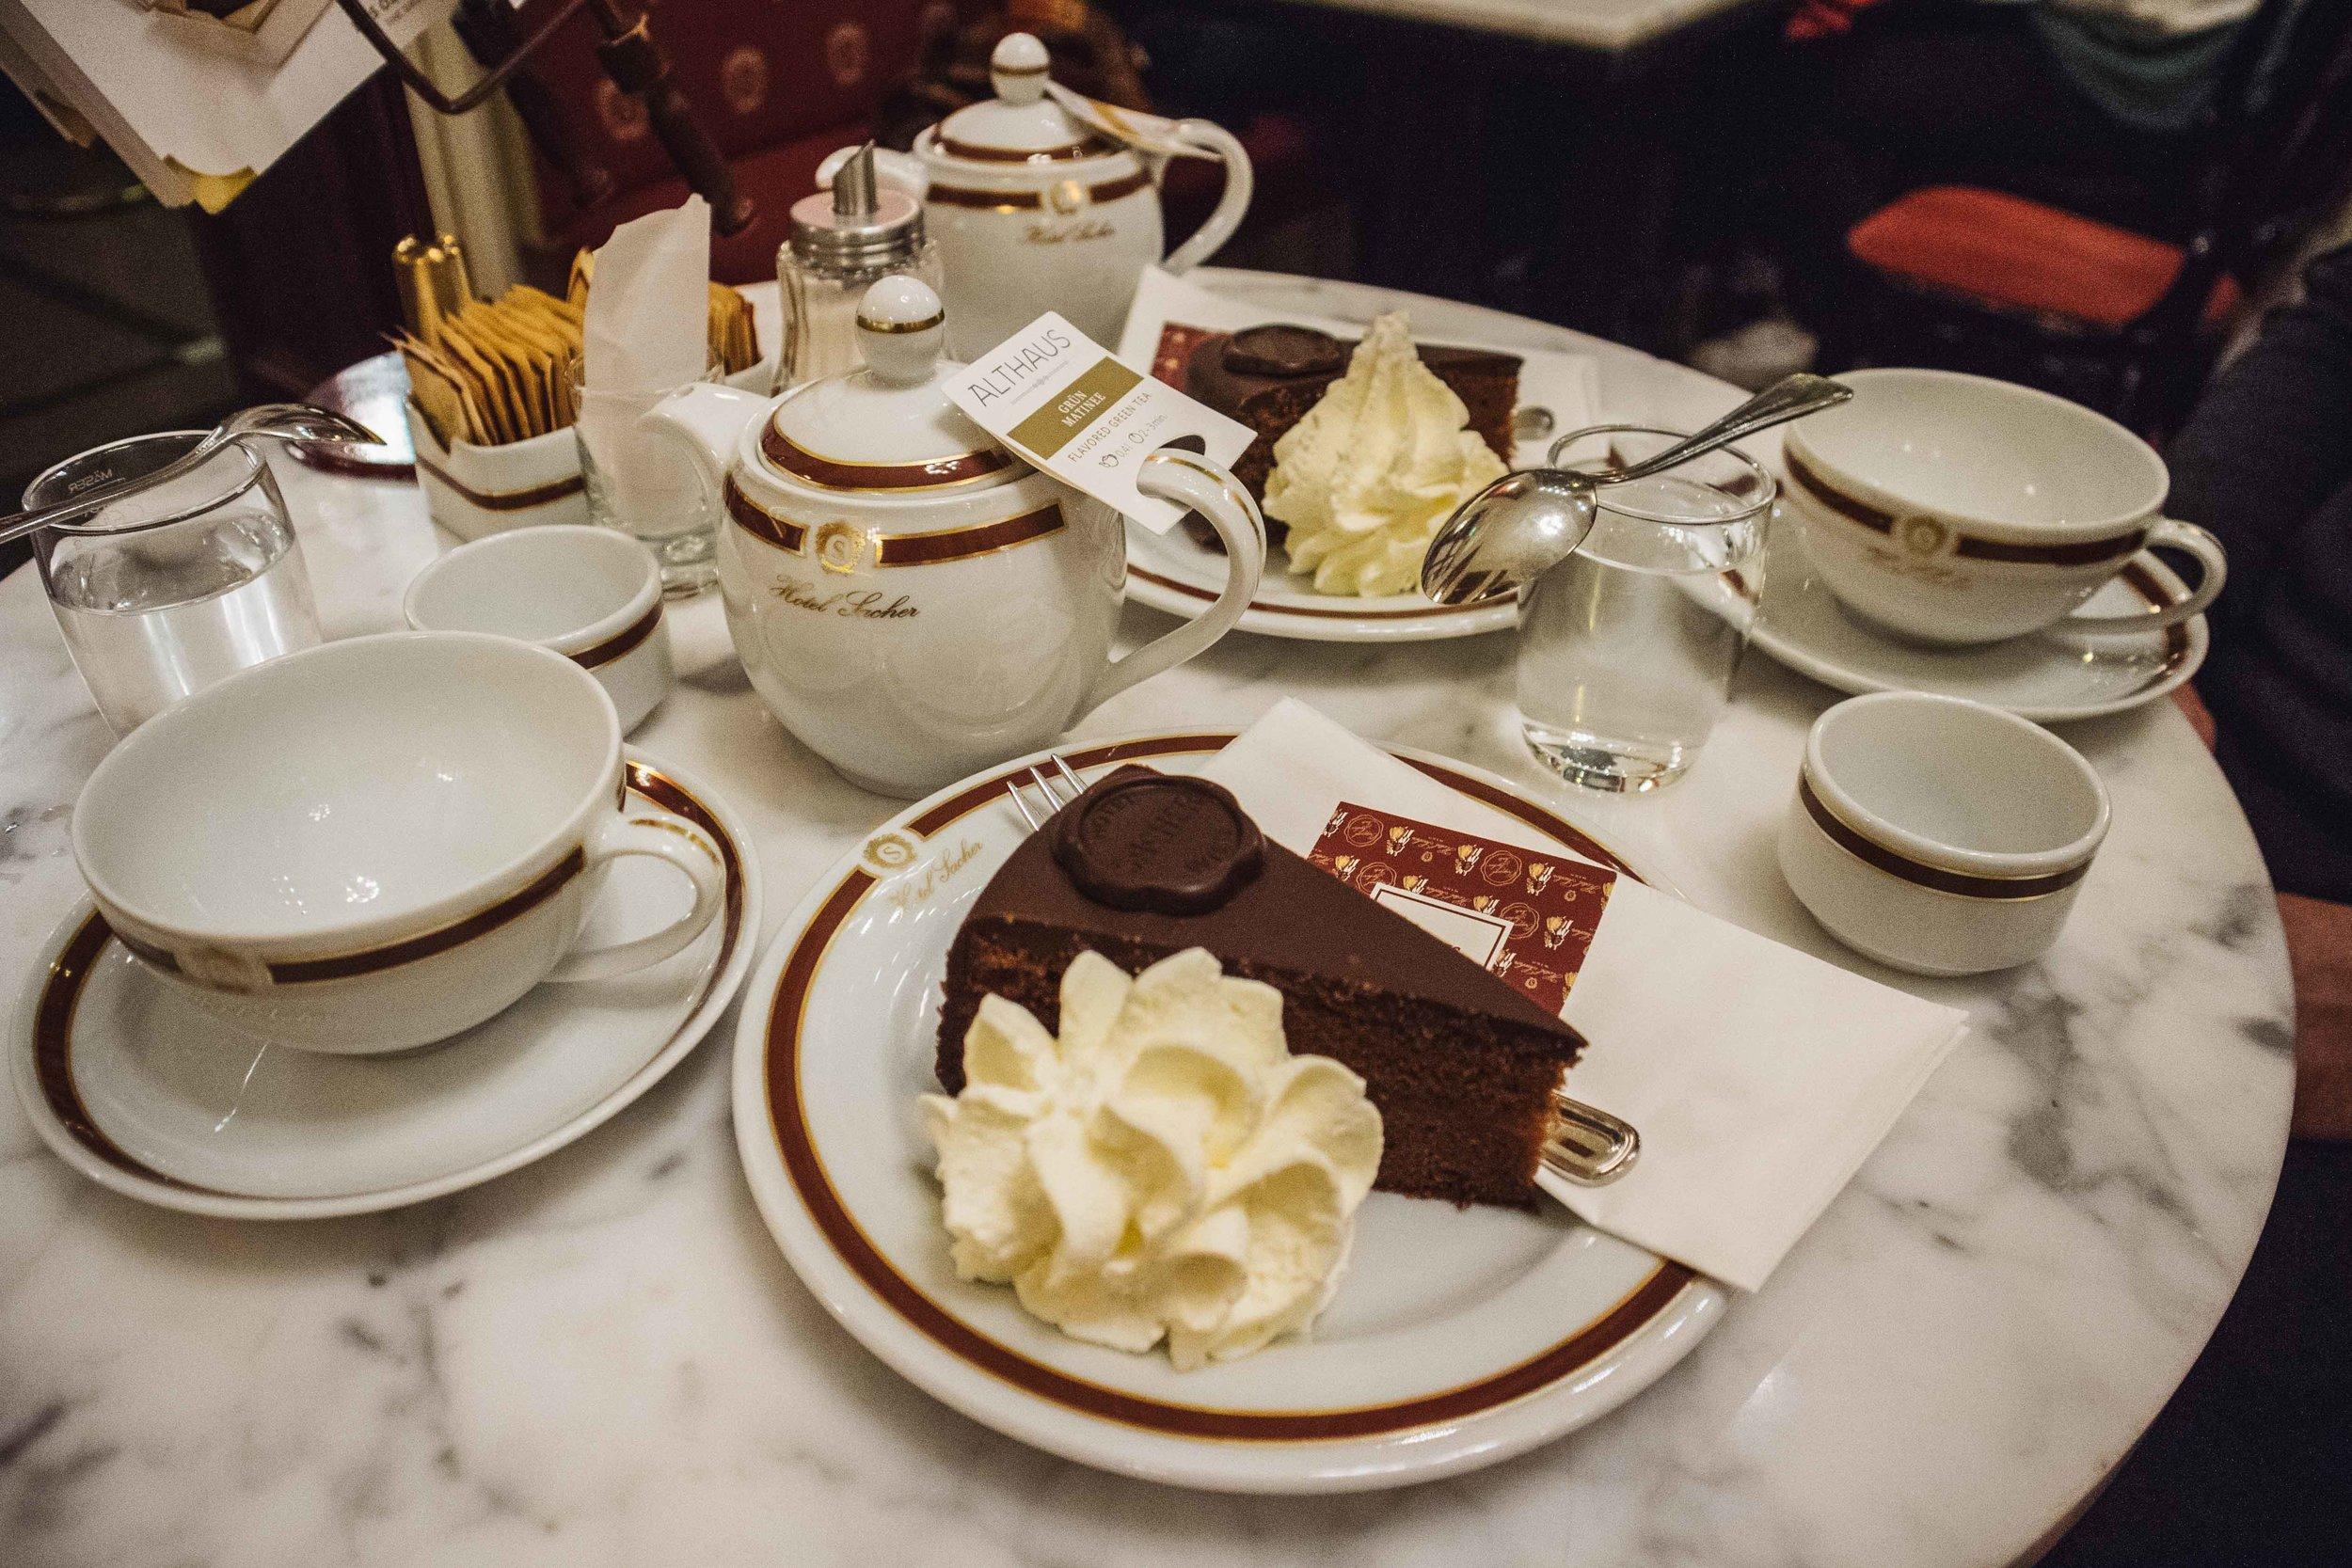 L'immancabile torta Sacher accompagnata da un Tea Jasmine all'Hotel Sacher.